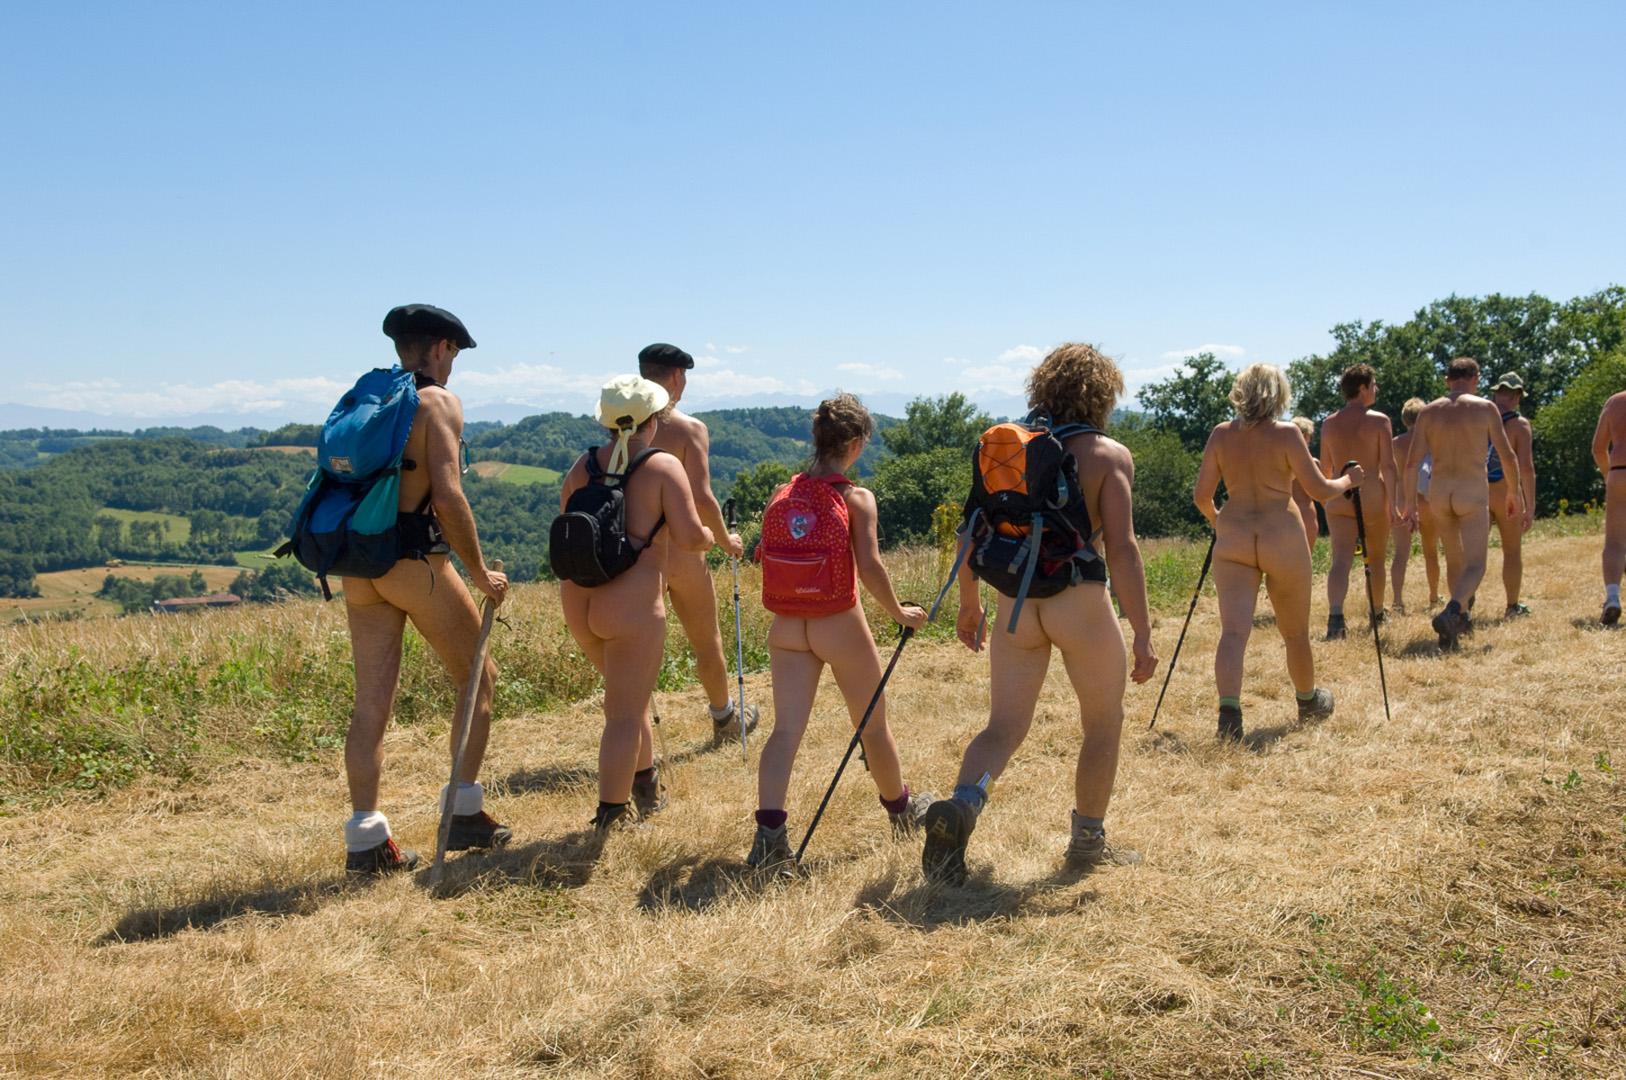 Naturist walks